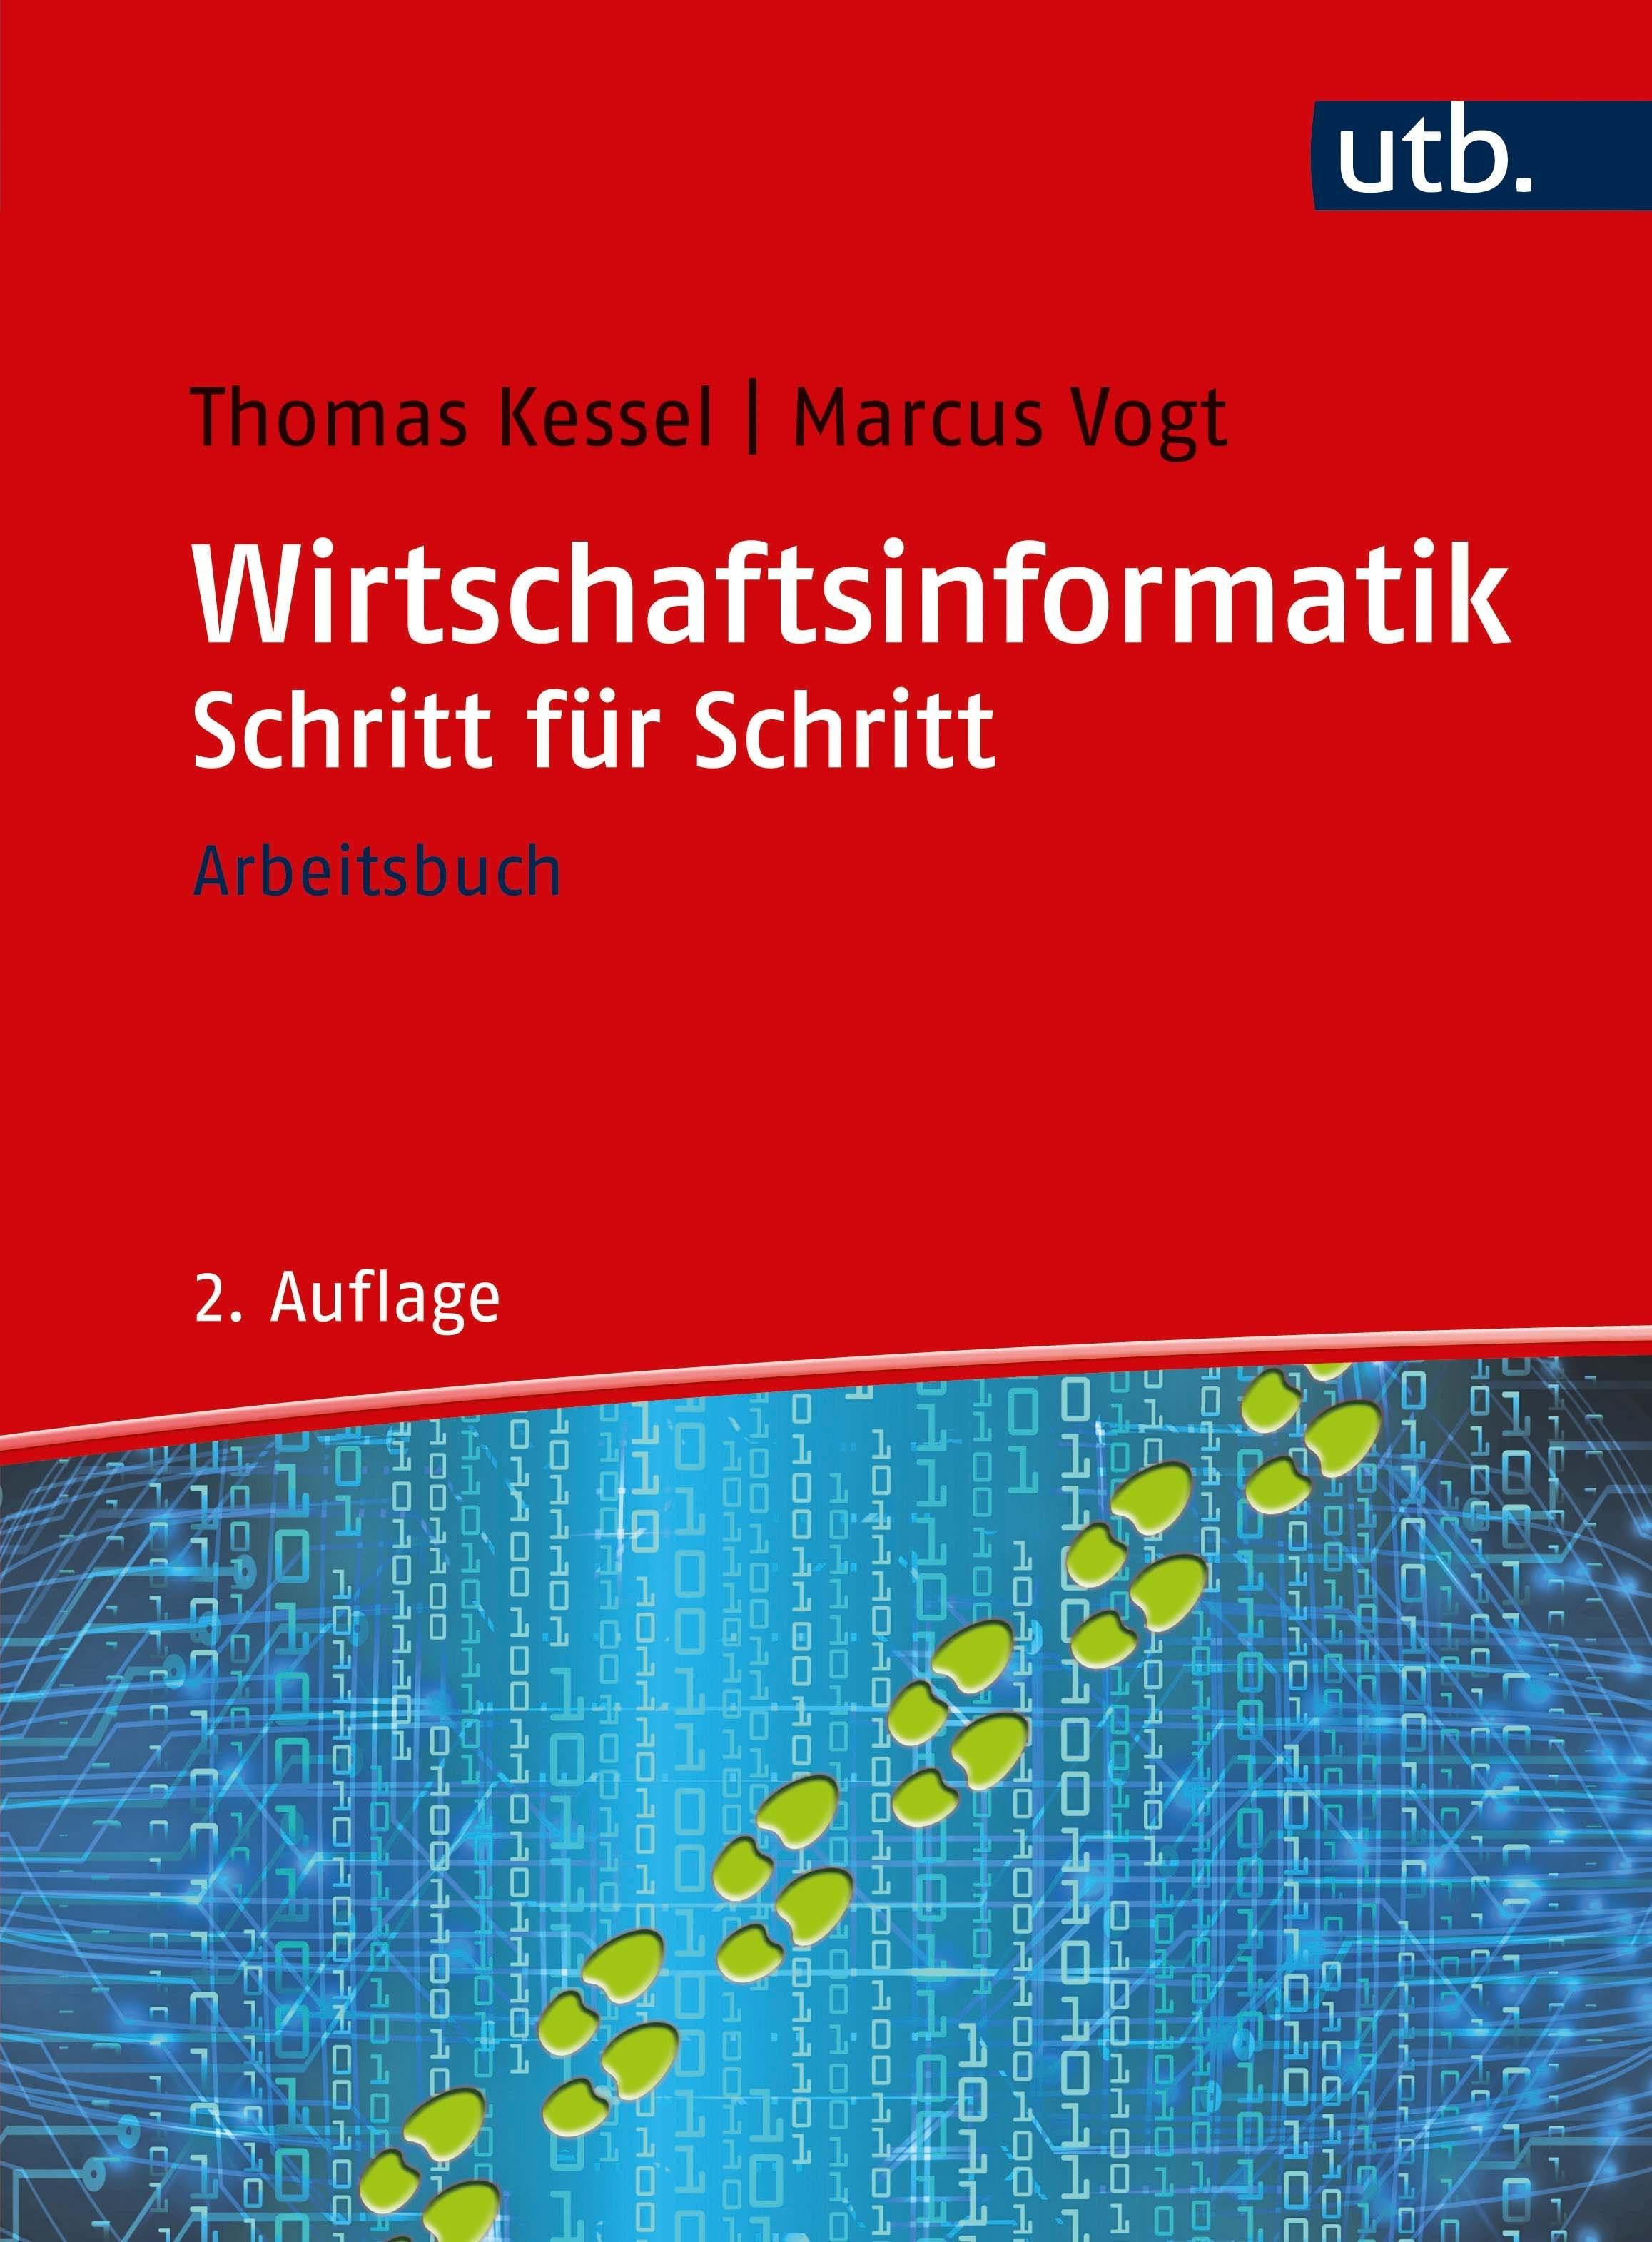 Wirtschaftsinformatik Schritt für Schritt | Kessel / Vogt | 2., erweitere Auflage, 2018 | Buch (Cover)